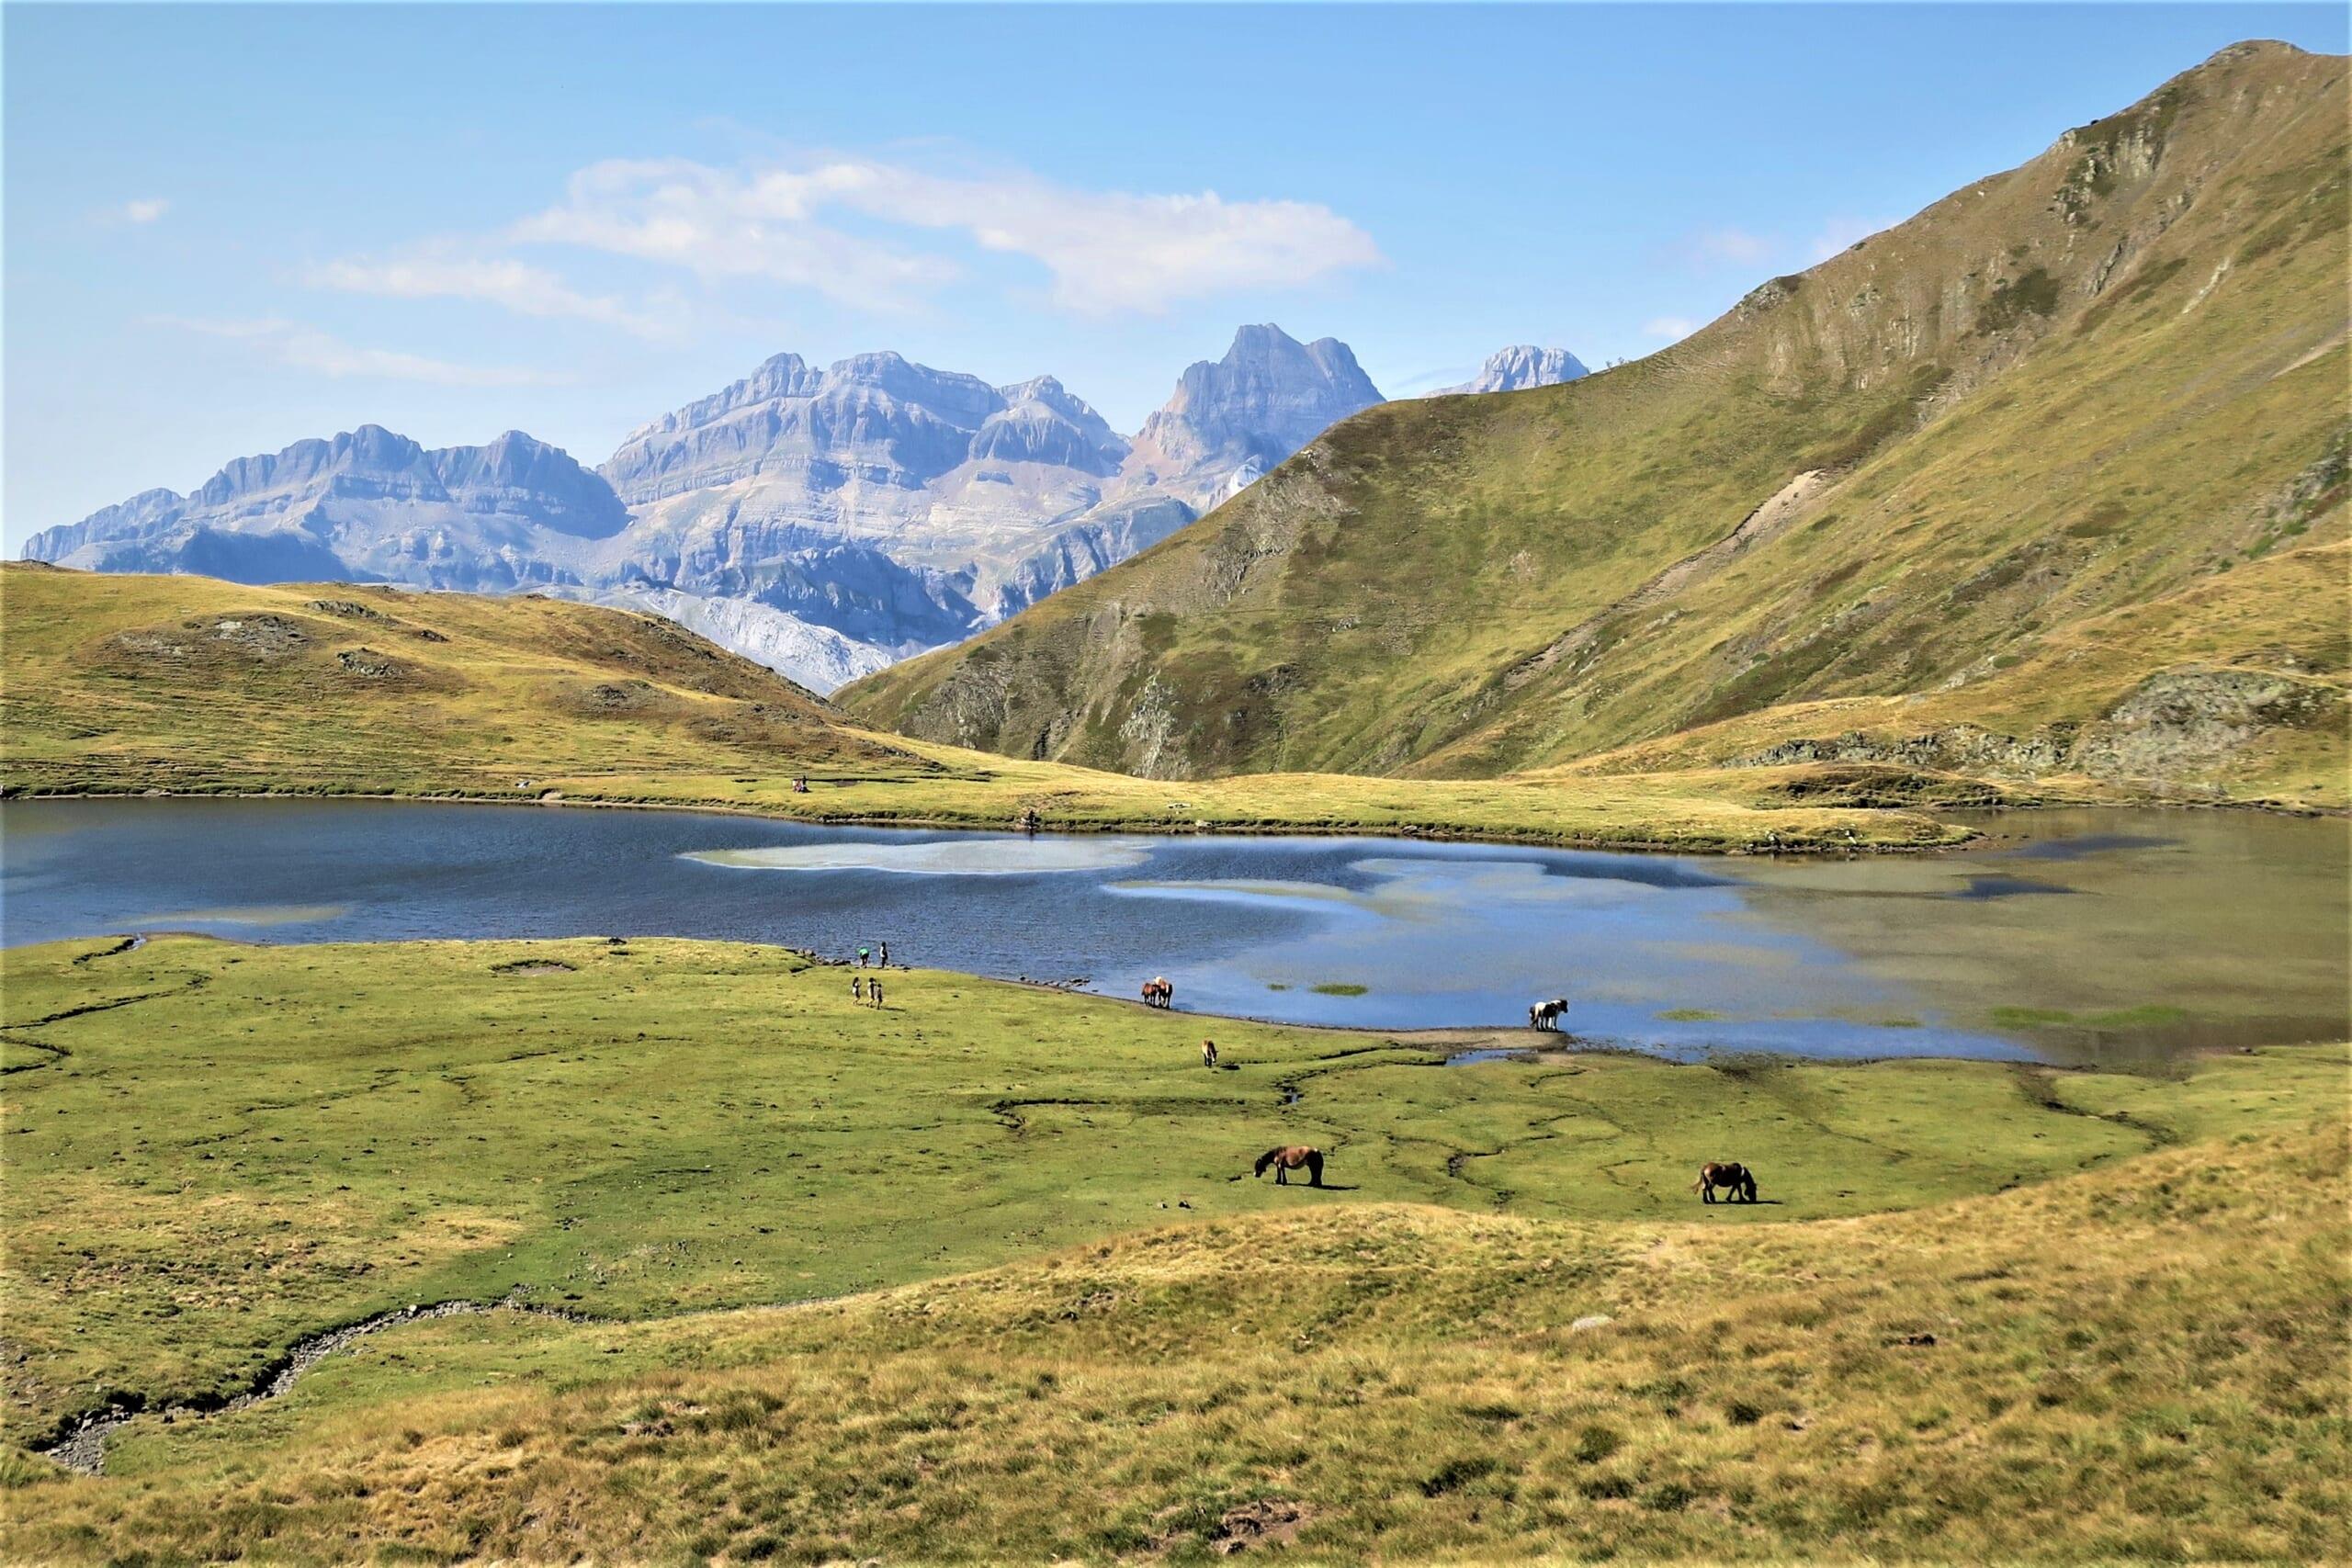 北スペインの観光スポットであるピレネー山脈の山上湖